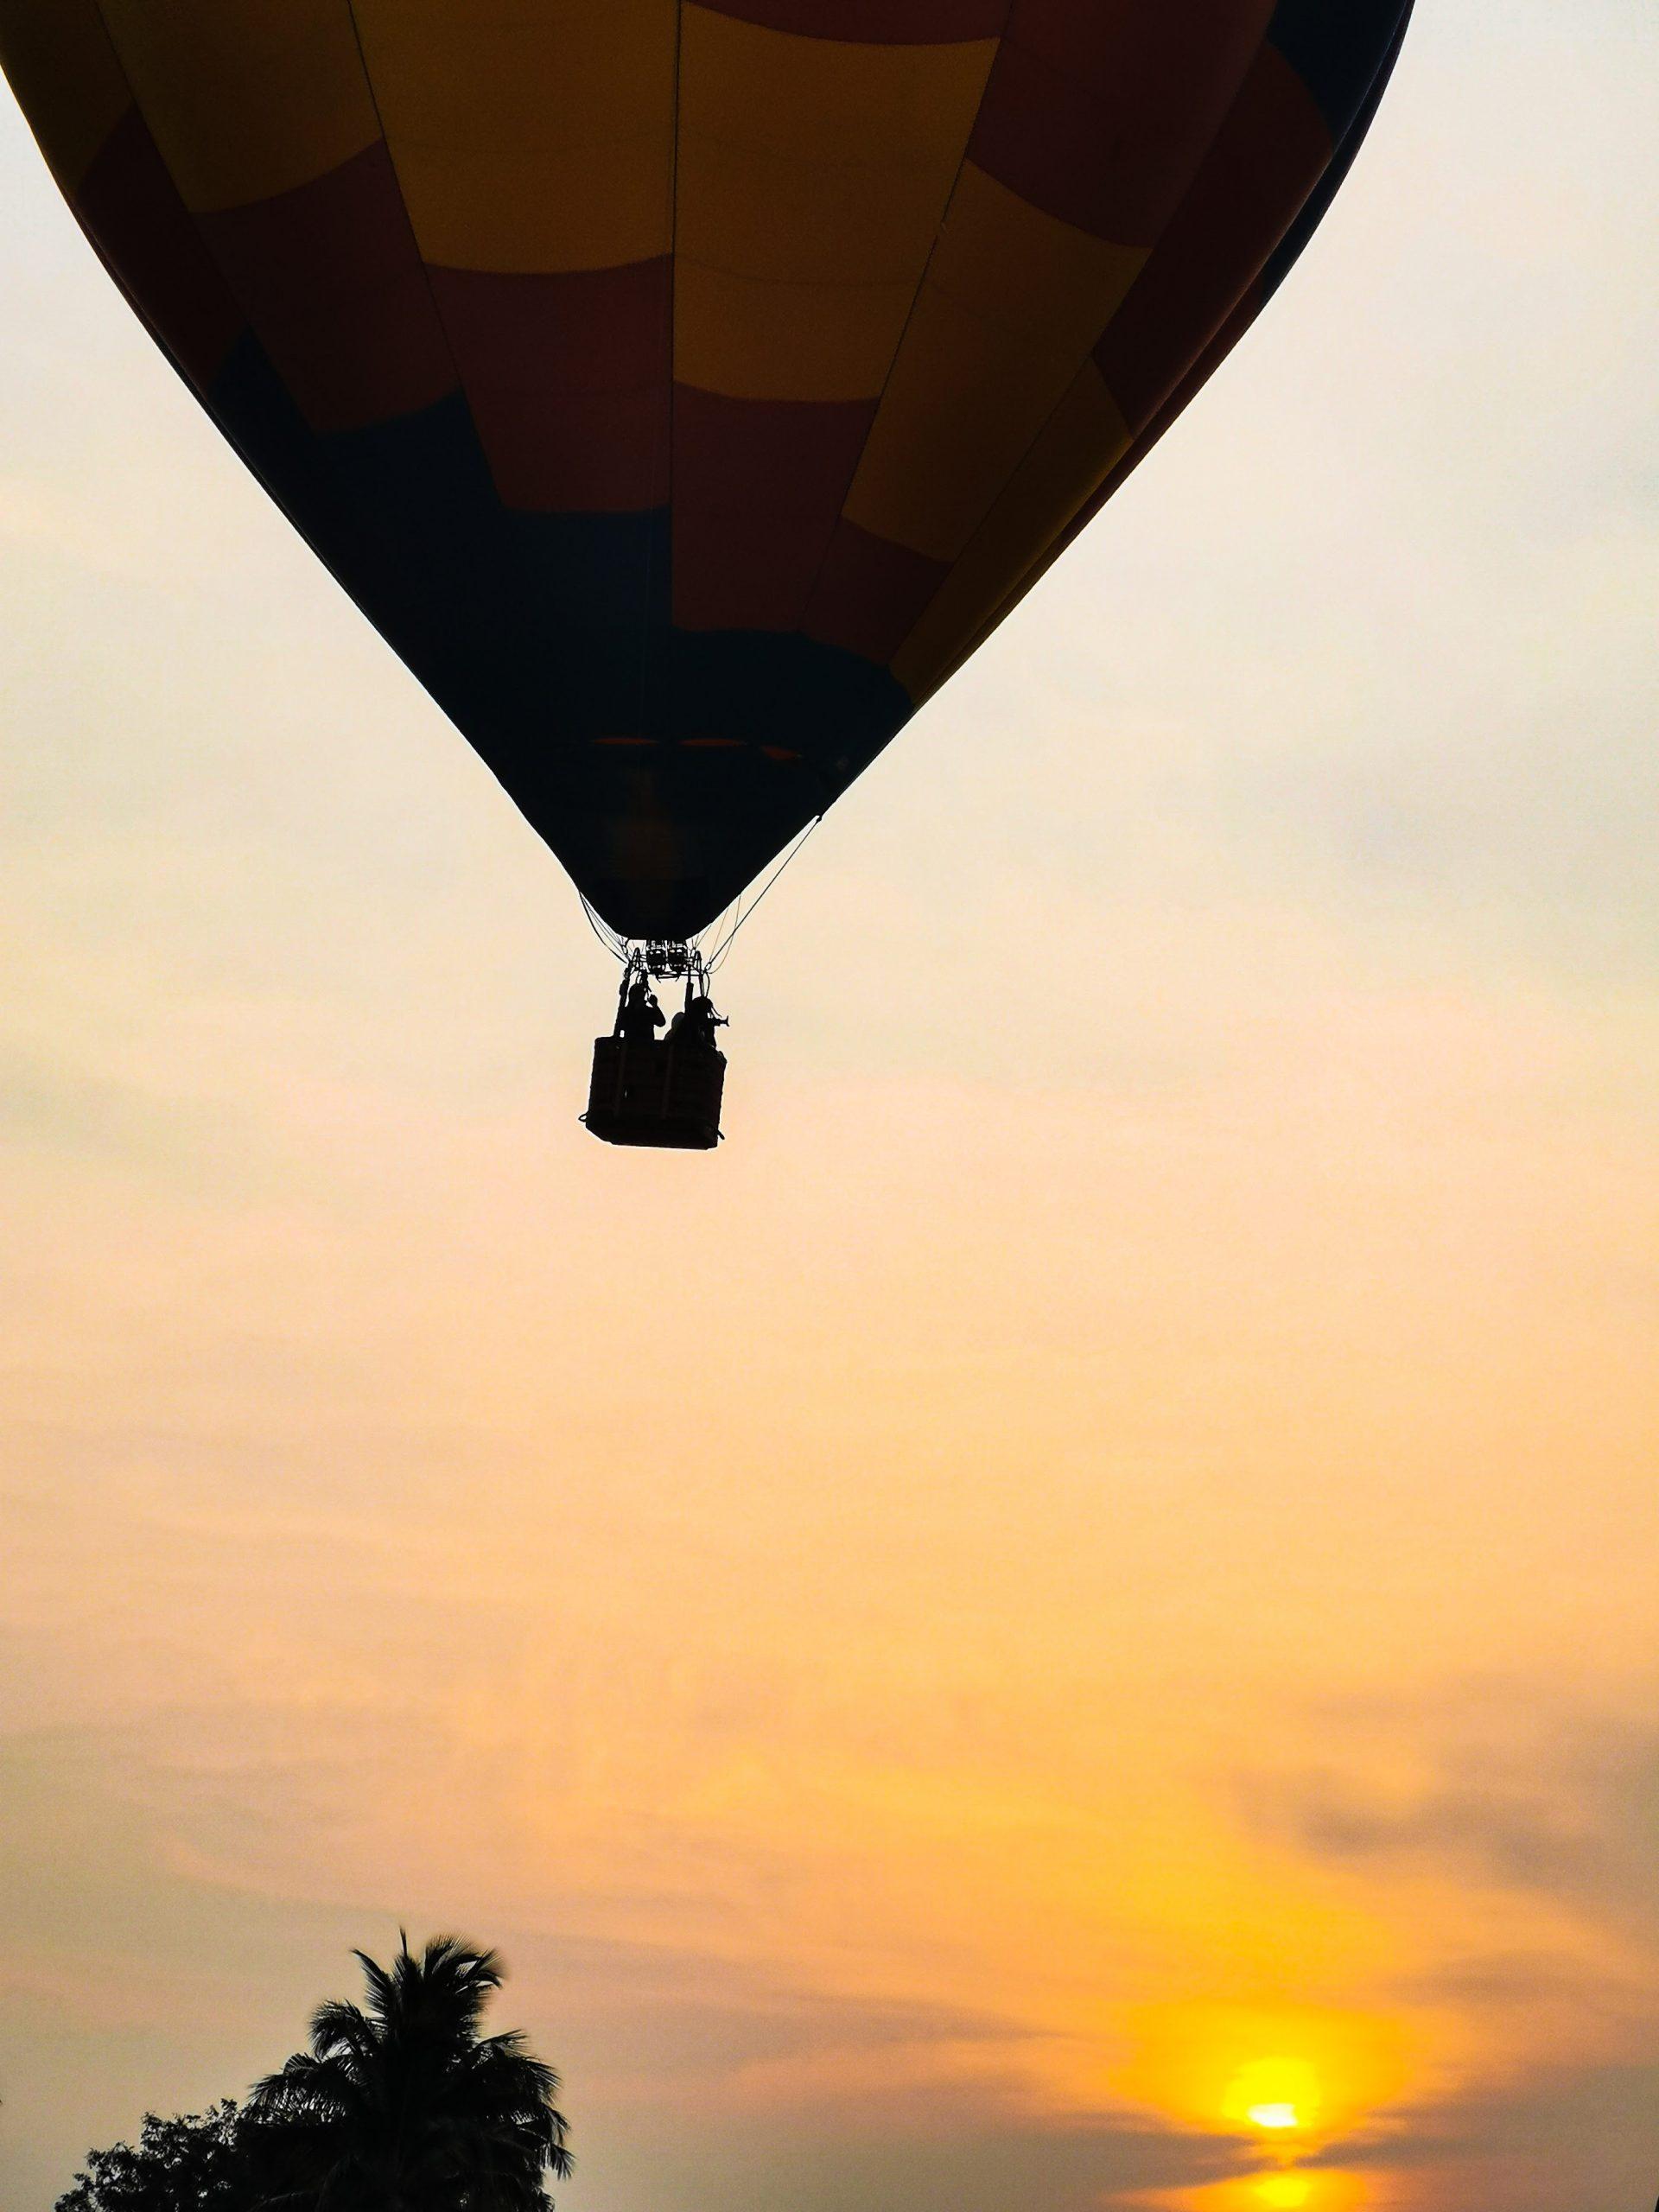 Hot Air Balloon Flight During Sunset